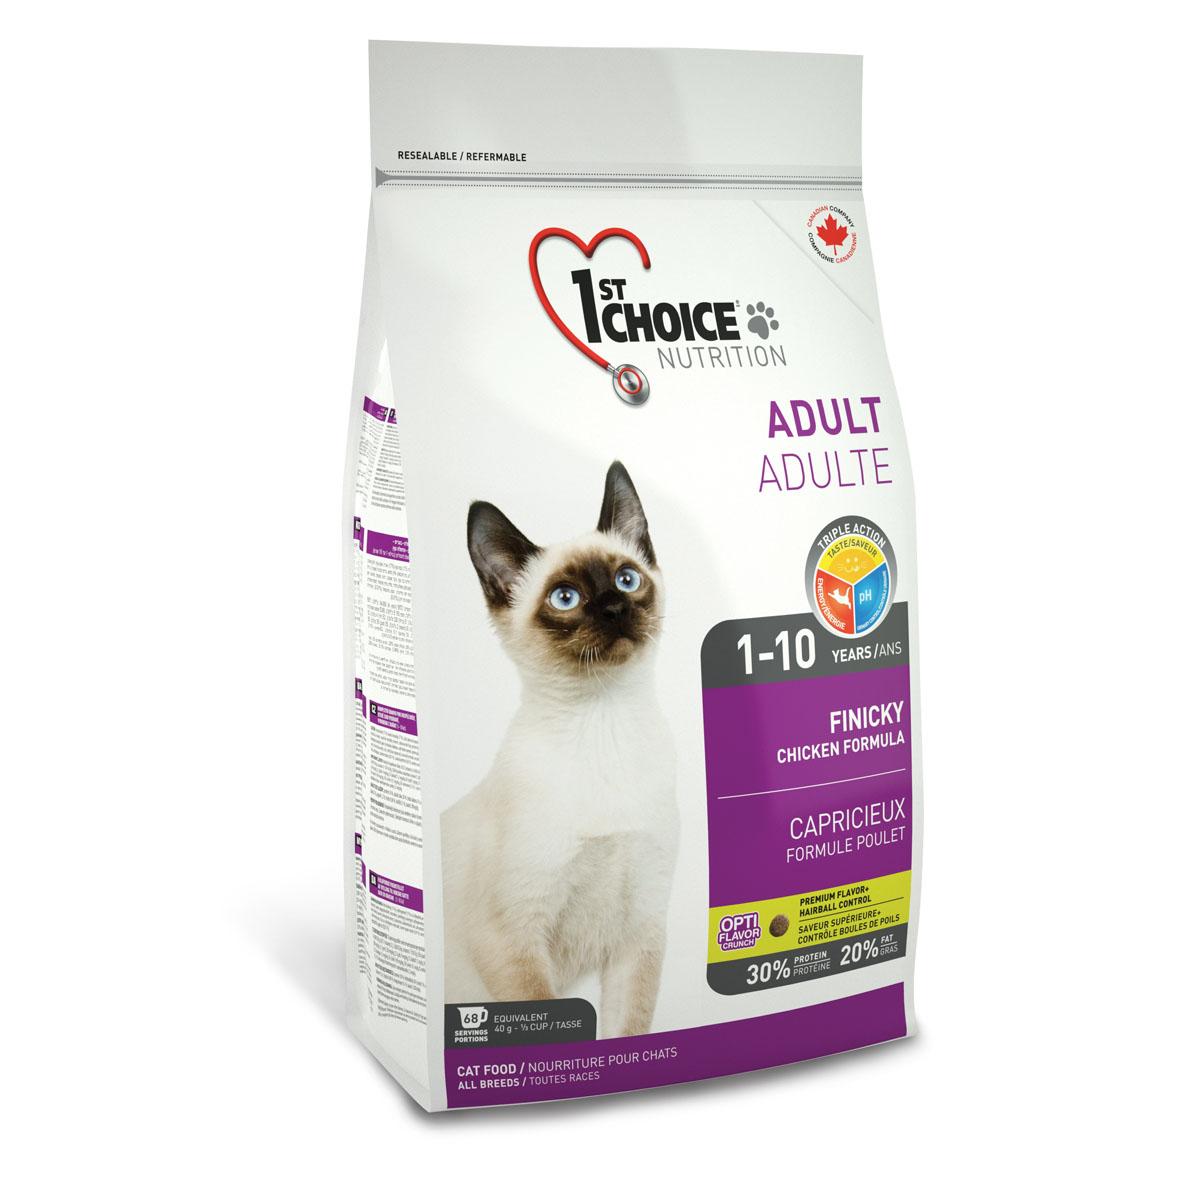 Корм сухой 1st Choice Adult для взрослых привередливых кошек, с курицей, 350 г56671Сухой корм 1st Choice Adult специально создан для привередливых взрослых кошек с нормальной активностью и избирательным вкусом. Свежая курица и сельдь понравится самым привередливым в еде кошкам. Идеальное сочетание белков, жиров и углеводов обеспечивает максимально доступной энергией. Правильный рН-баланс помогает поддерживать здоровье мочевыделительной системы. Ингредиенты: свежая курица 17%, мука из мяса курицы 17%, рис, куриный жир, сохраненный смесью натуральных токоферолов витамин Е, гороховый протеин, коричневый рис, мука из сельди, сушеное яйцо, мякоть свеклы, специально обработанные ядра ячменя и овса, гидролизат куриной печени, клетчатка гороха, цельное семя льна, сушеная мякоть томата, жир лосося, калия хлорид, лецитин, холина хлорид, соль, кальция пропионат, натрия бисульфат, кальция карбонат, таурин, DL-метионин, L-лизин, экстракт дрожжей, железа сульфат, аскорбиновая кислота (витамин С), экстракт цикория, цинка оксид, натрия селенит, альфа-токоферол...